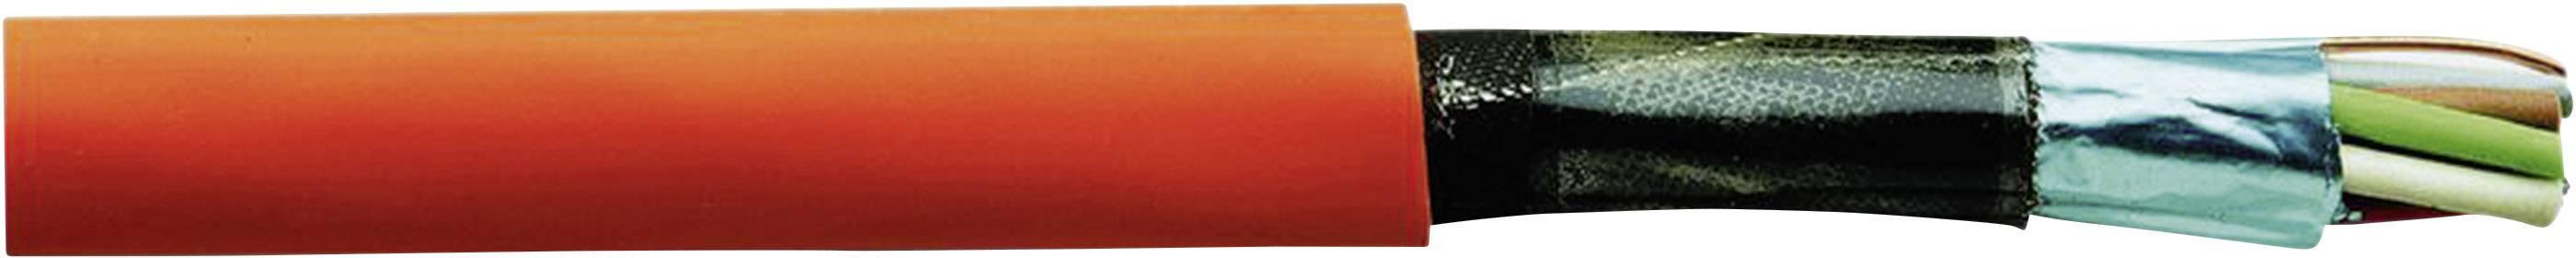 Signalizační kabel Faber Kabel JE-H(ST)H E30 (100427), červená, 1 m